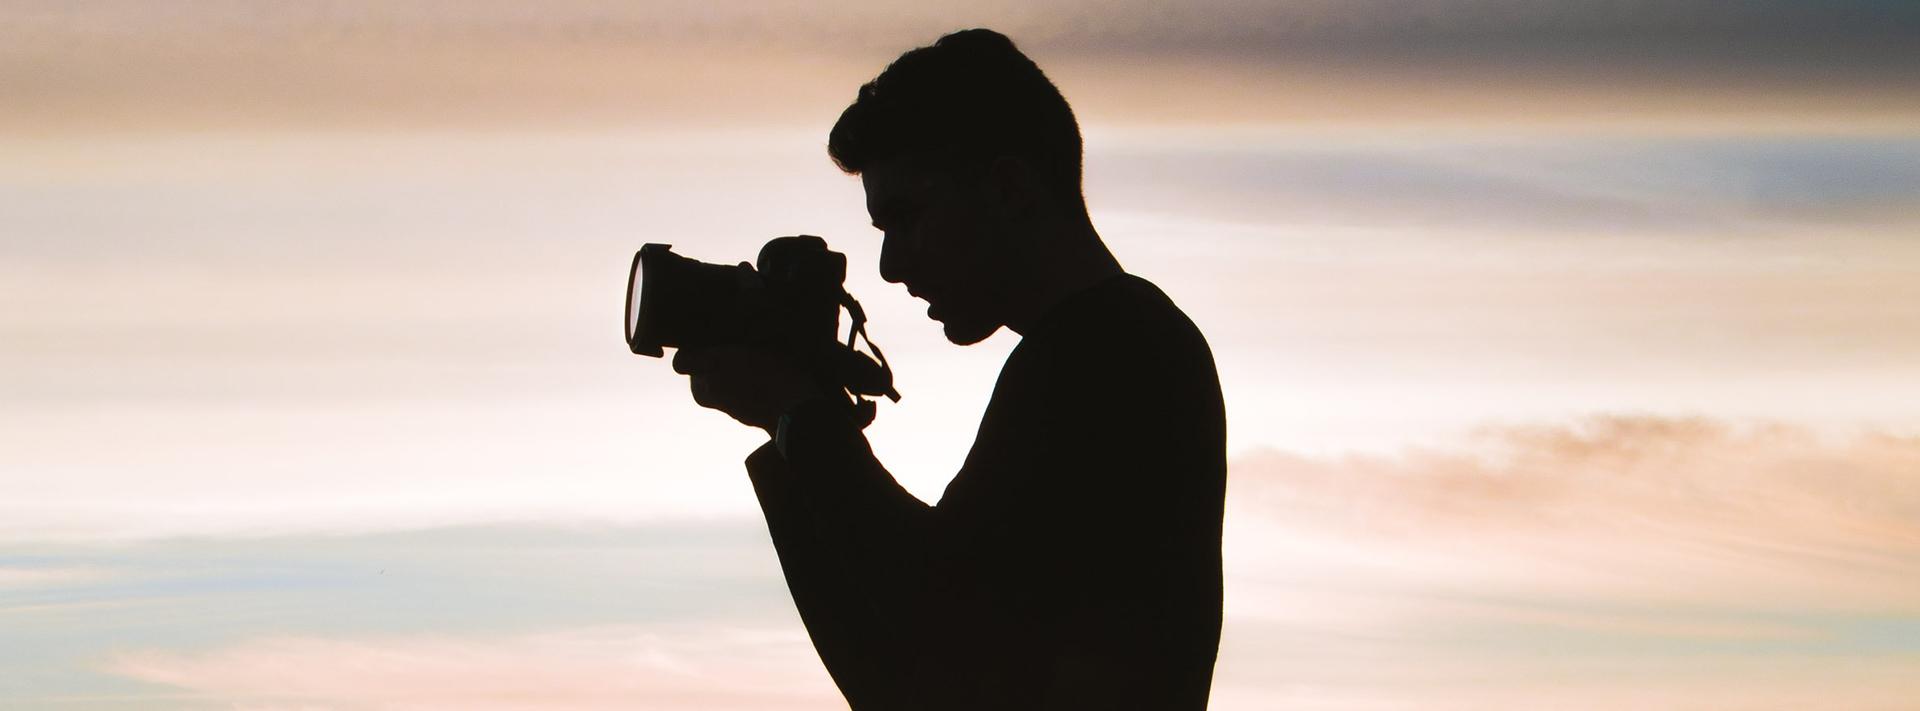 Curso de Fotografía Digital en San Pedro Alcántara